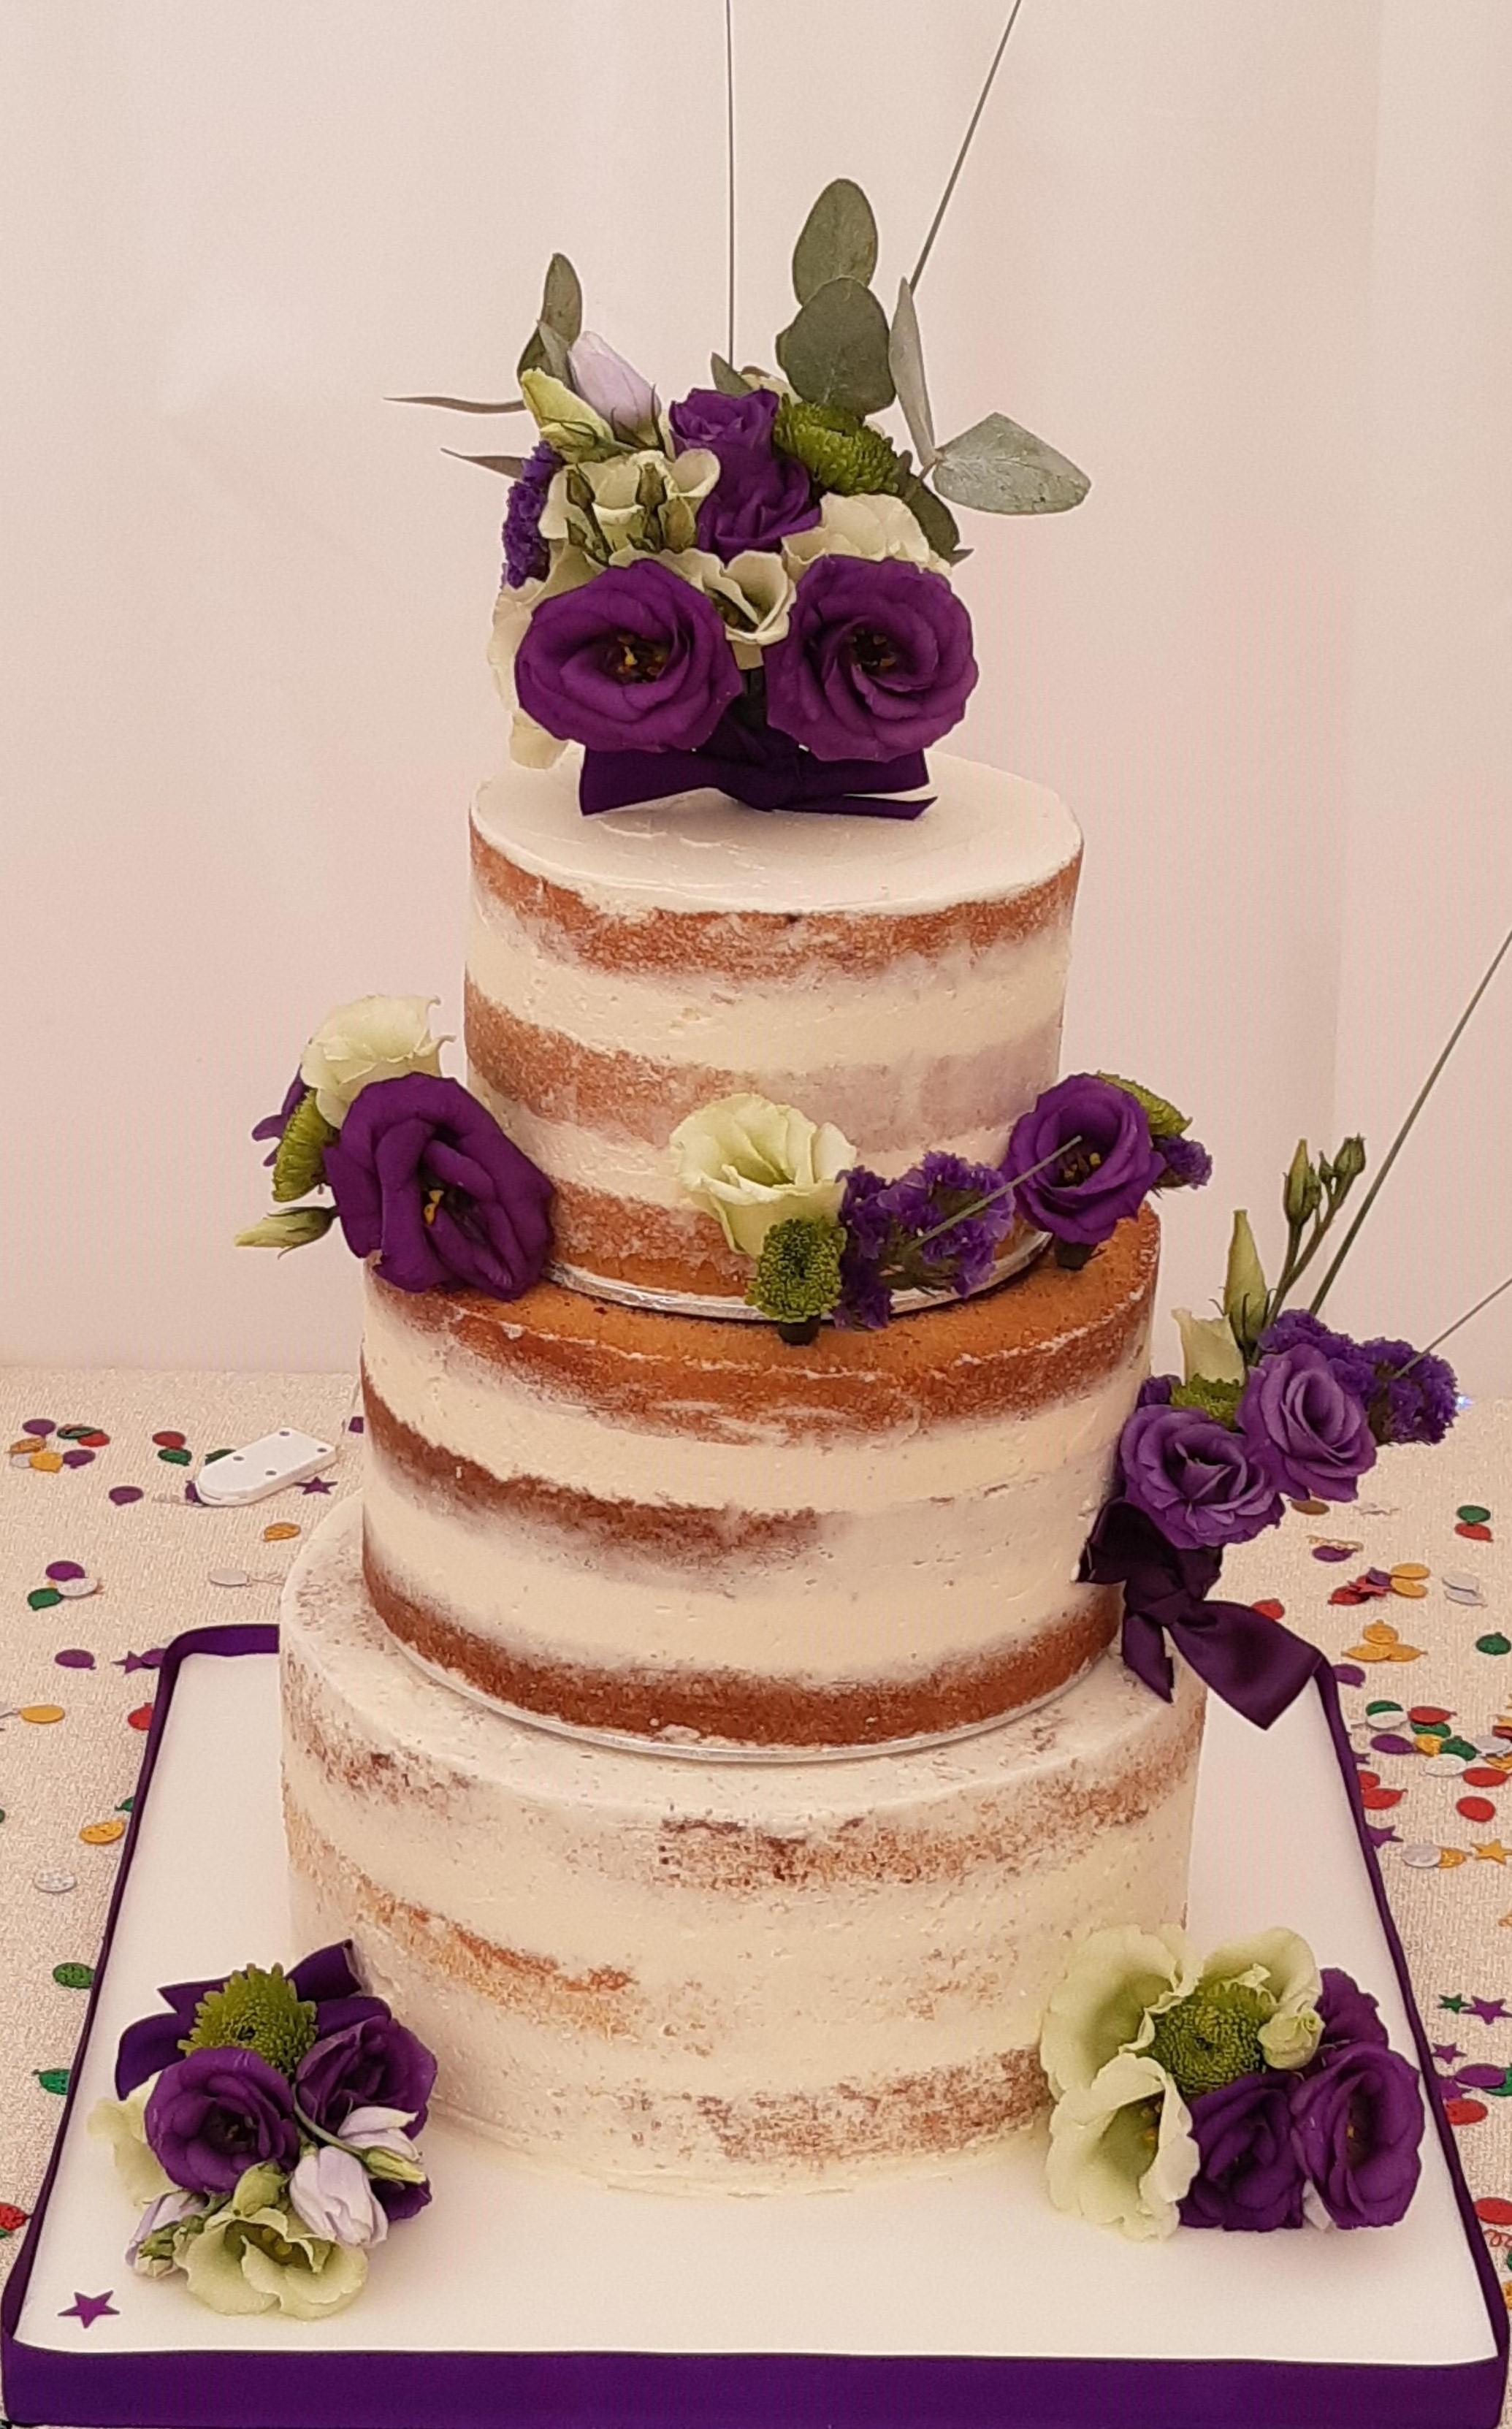 wedding cake - 3 tiers of naked wedding cake